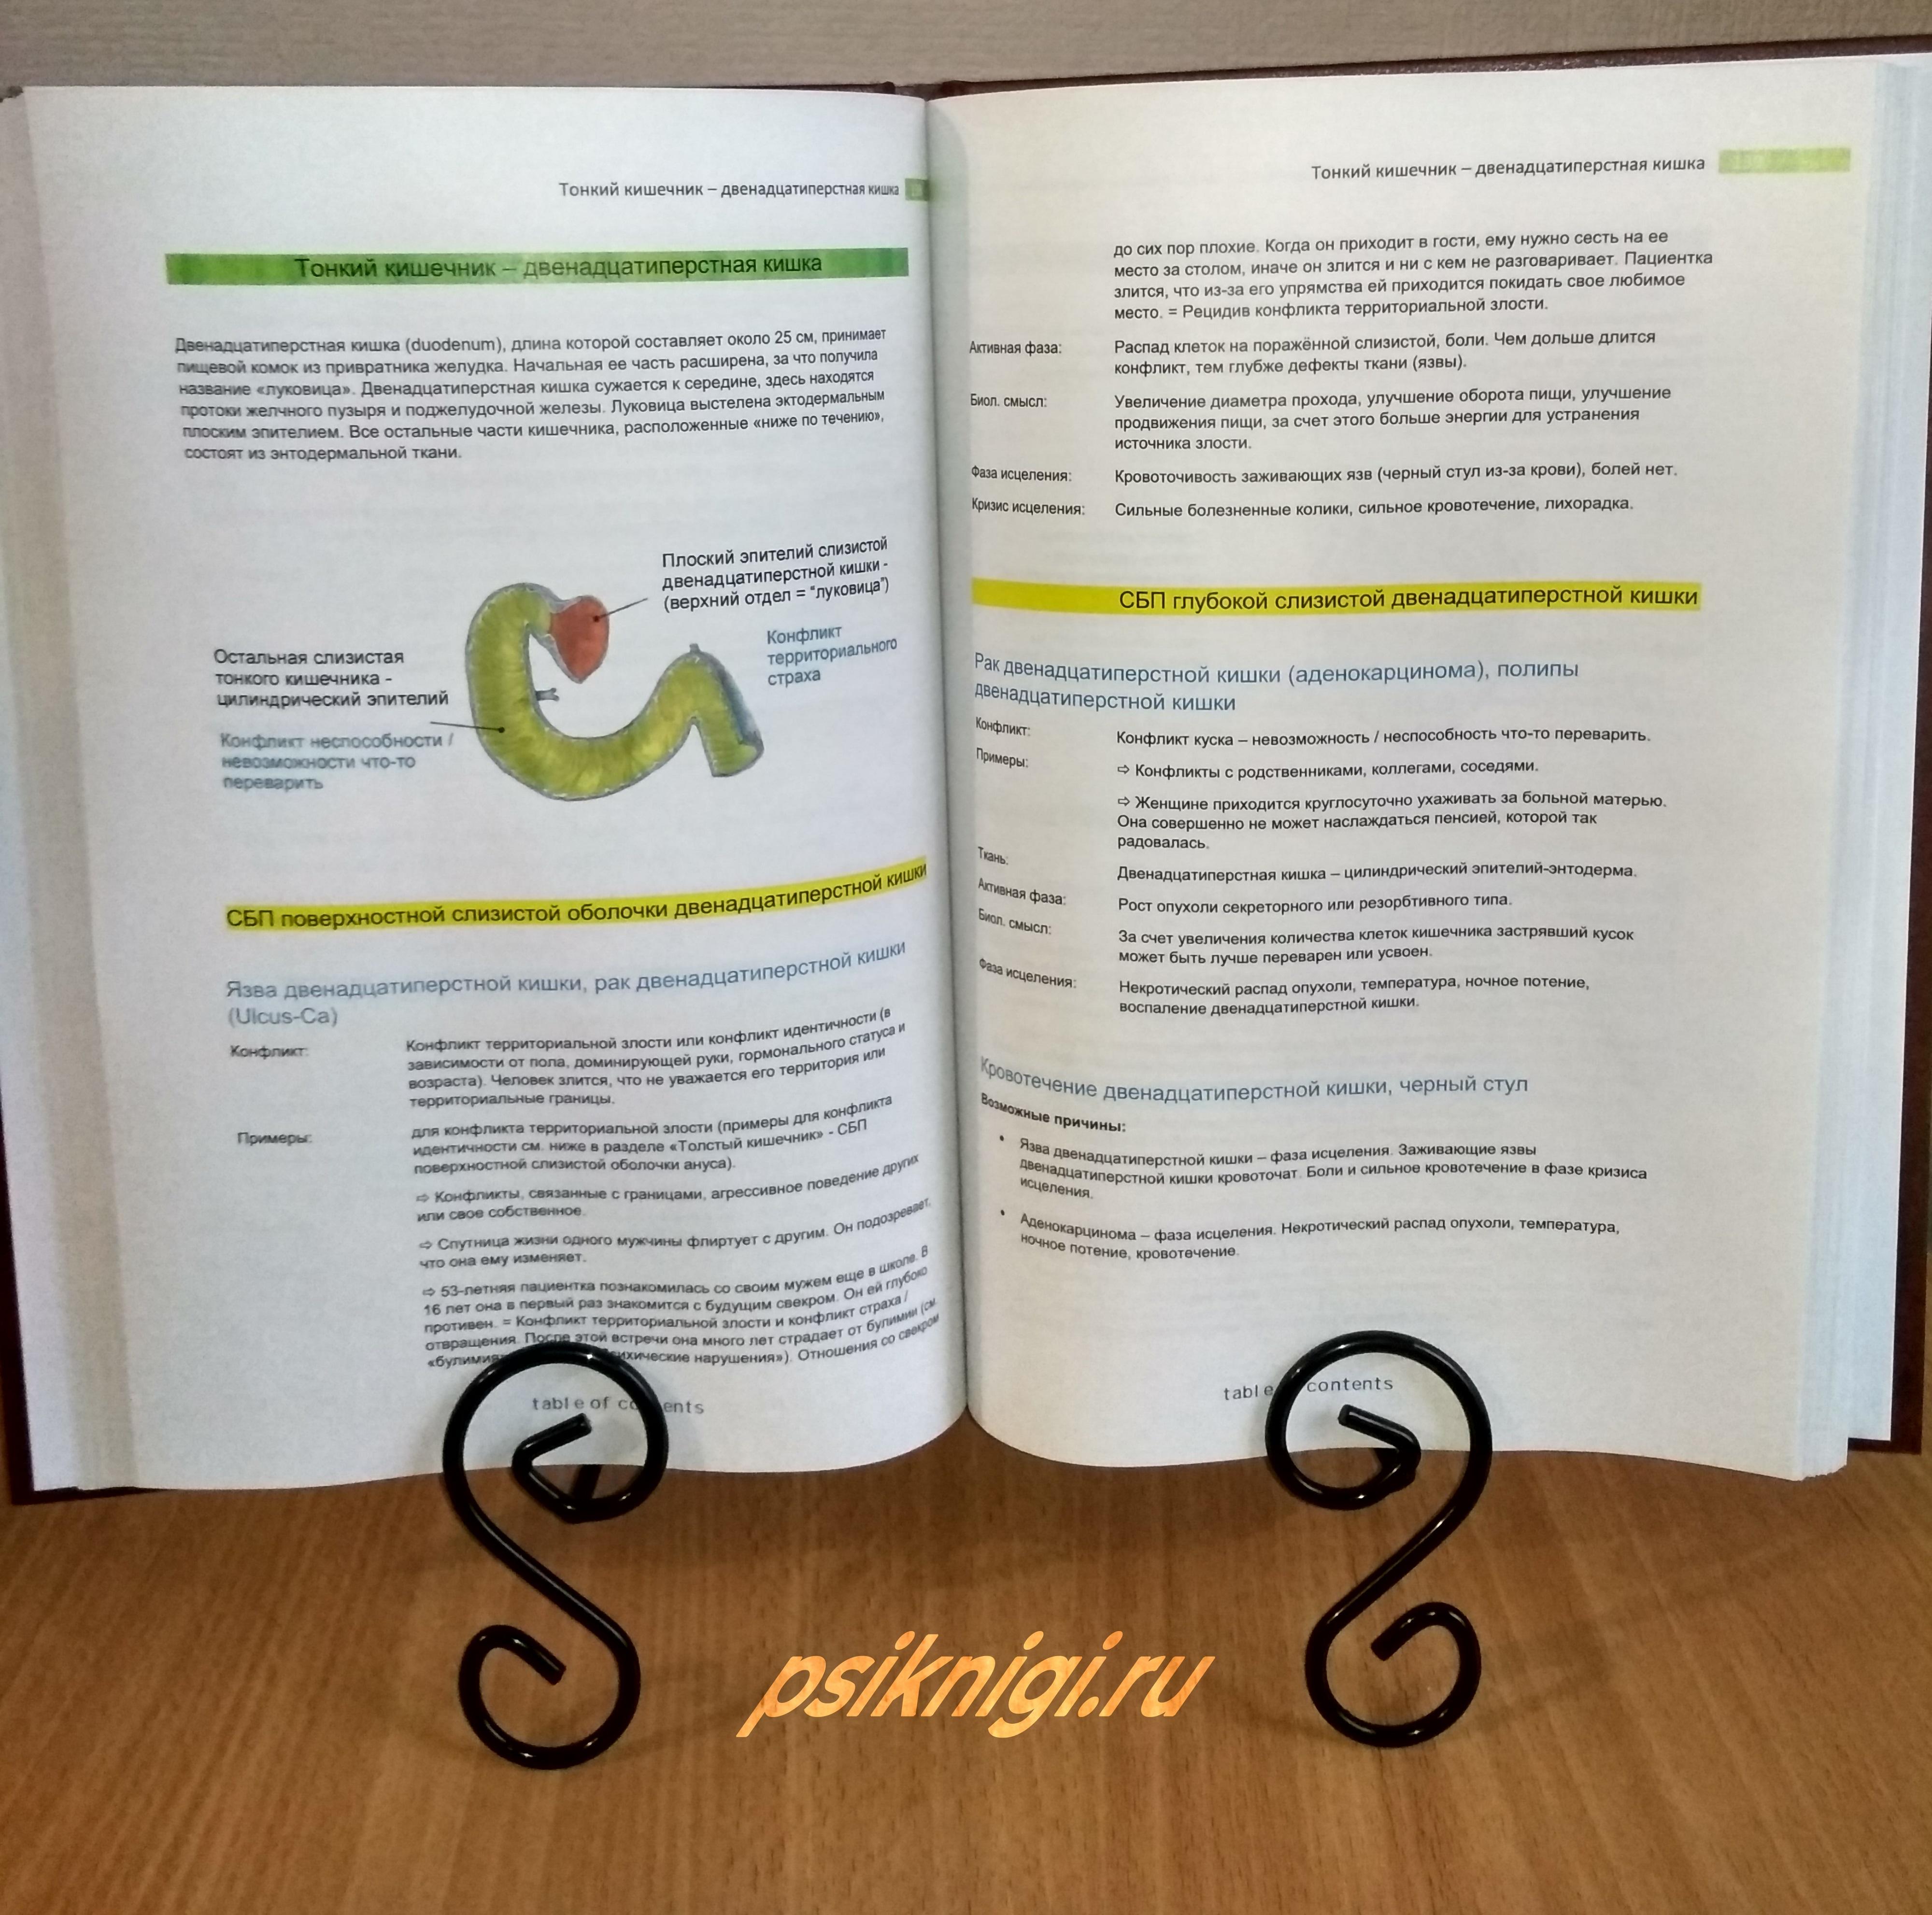 новая германская медицина справочник, германскую новую медицину доктора хамера, германская новая медицина хаммер книга купить